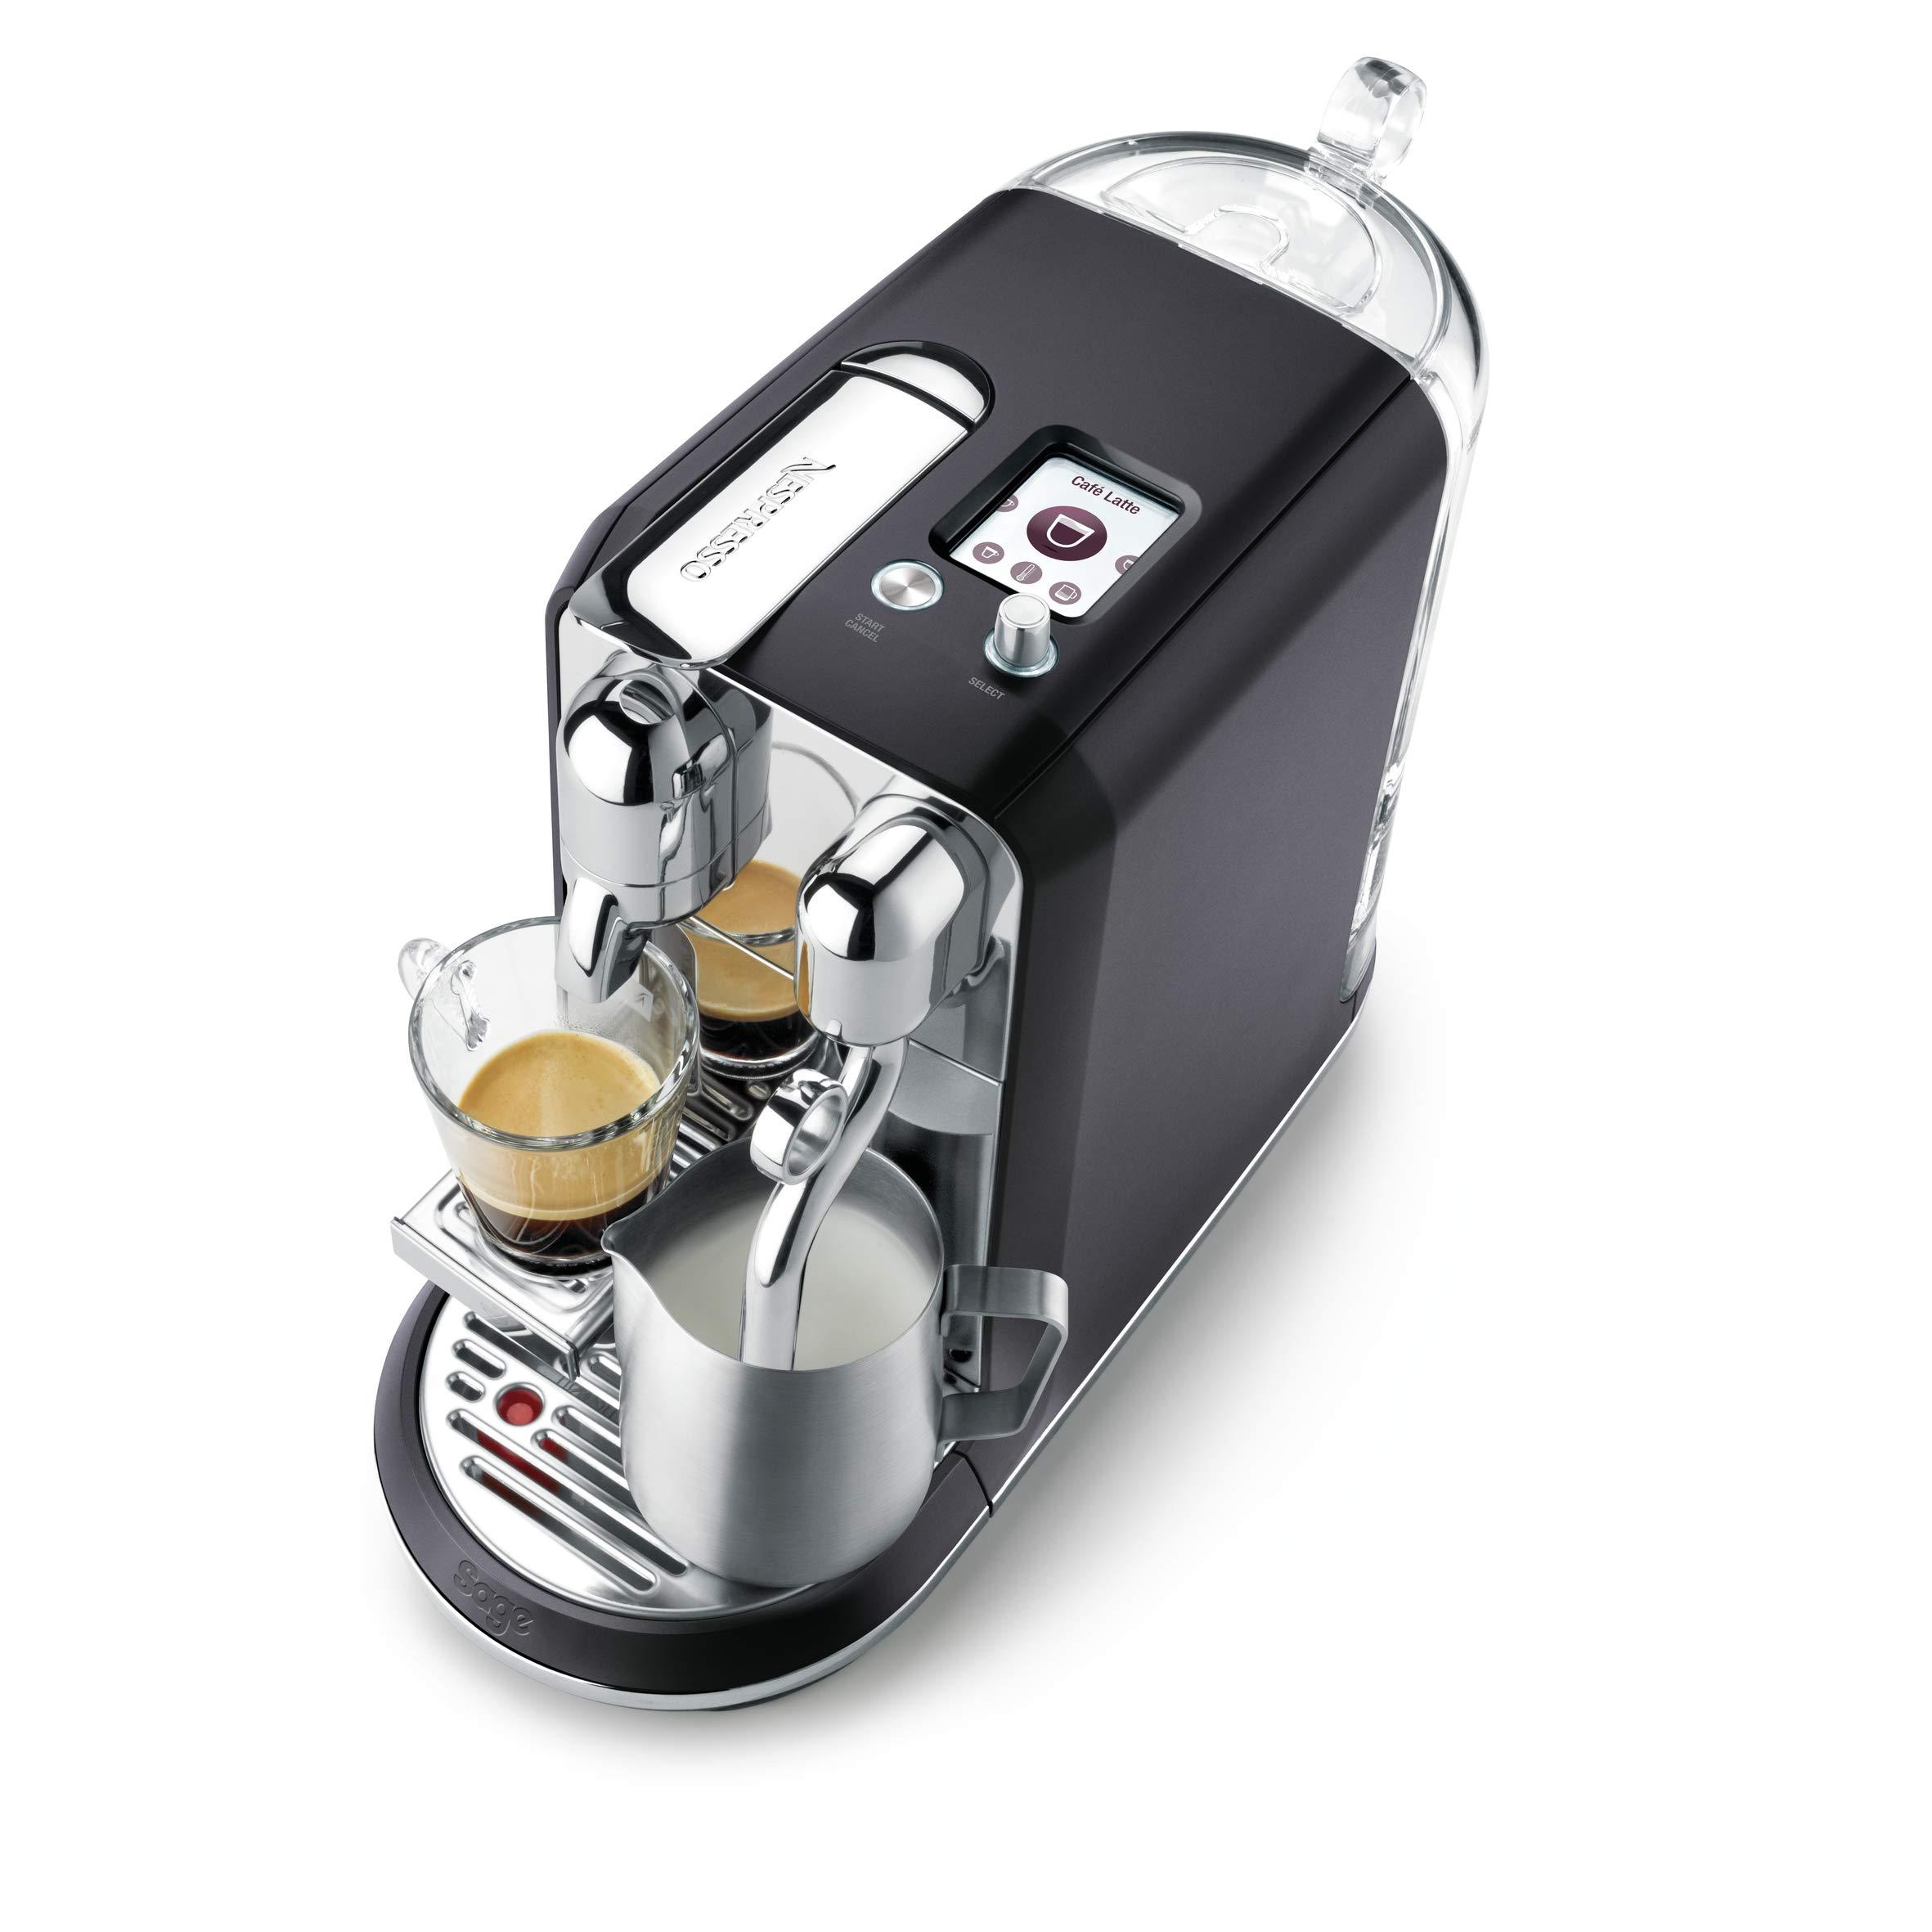 Sage Appliances SNE800BTR2EGE1 The Creatista Plus - Cafetera ...